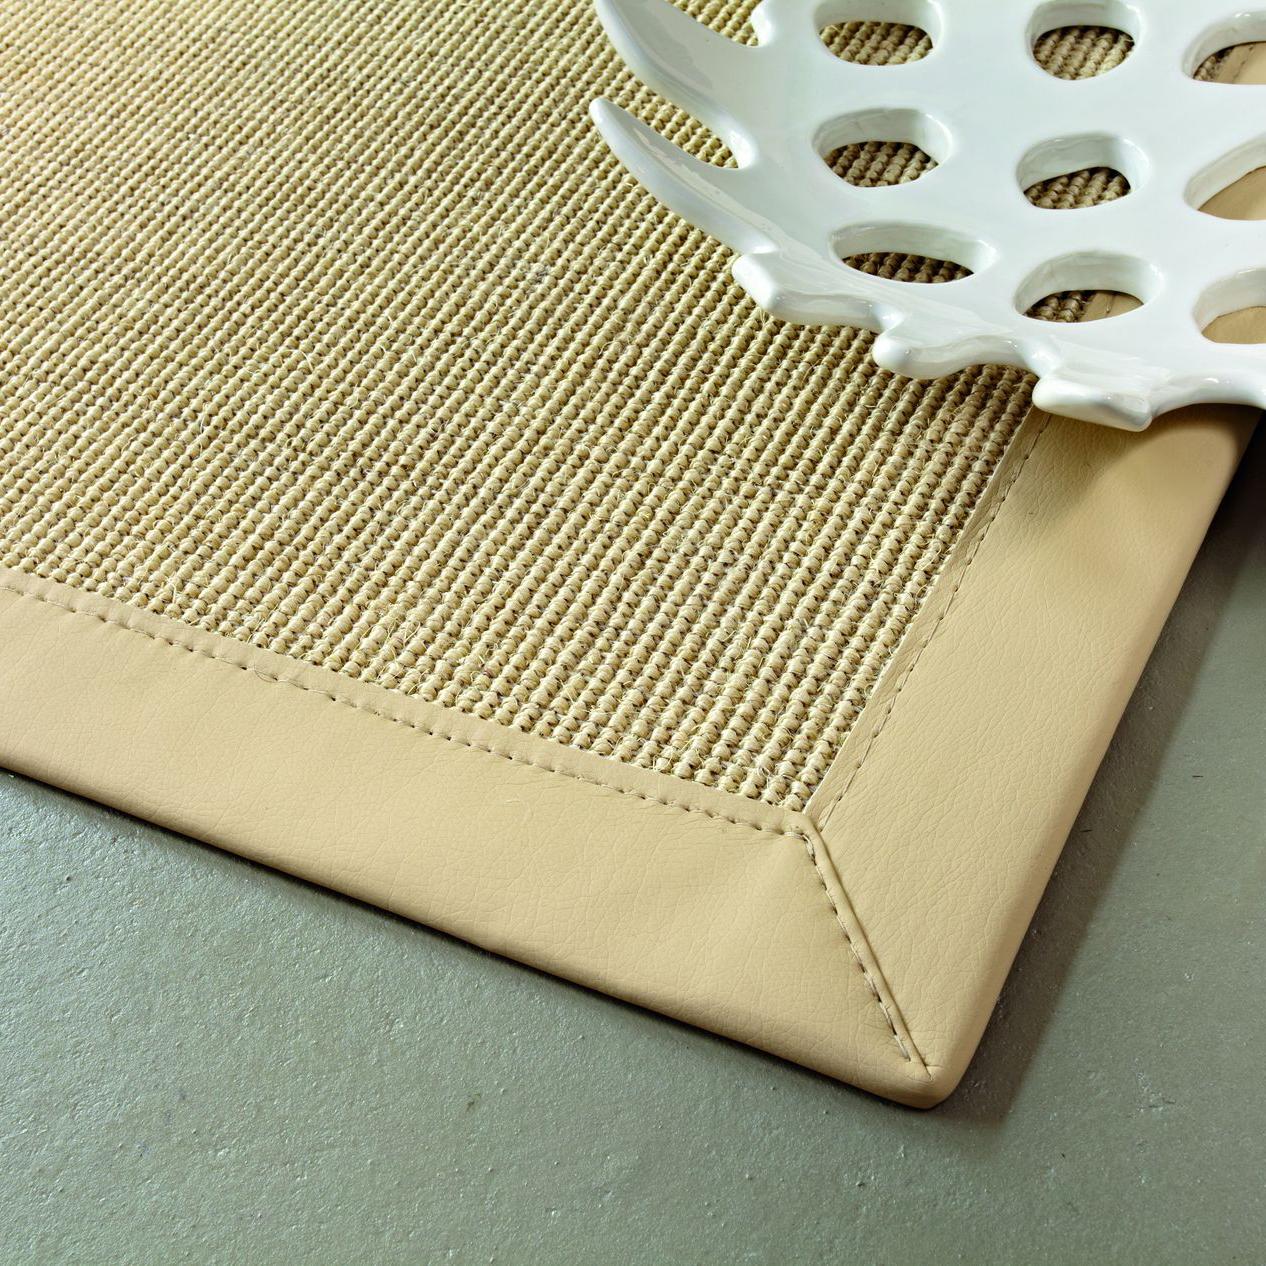 teppichboden online shop astra salvador 3100 10 teppichboden. Black Bedroom Furniture Sets. Home Design Ideas